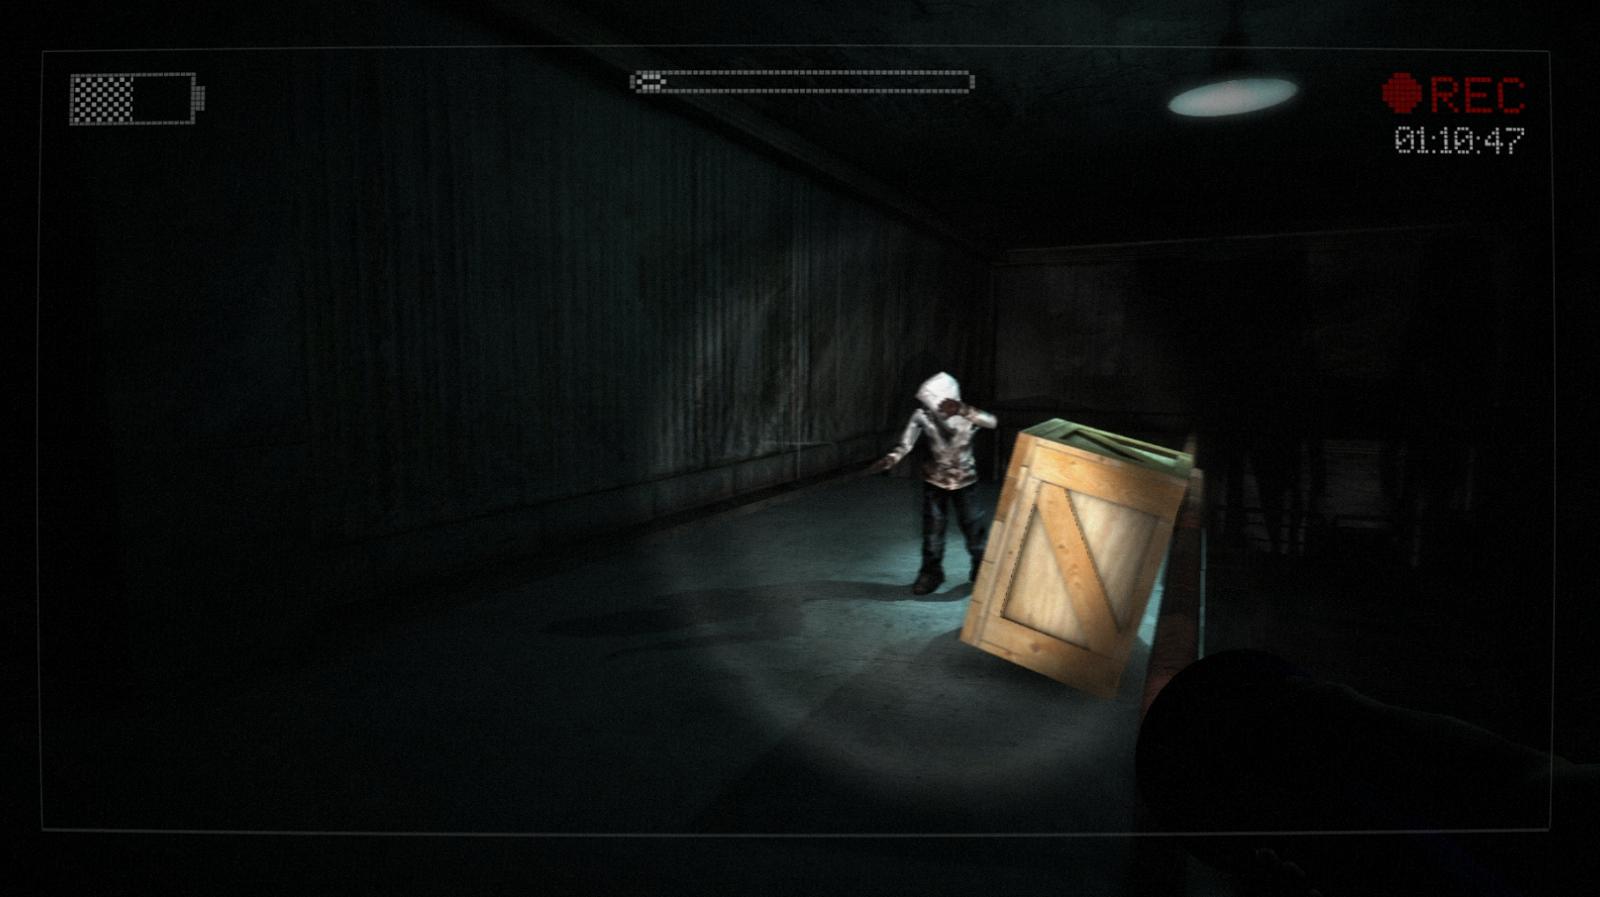 Слендер игра скачать бесплатно на компьютер